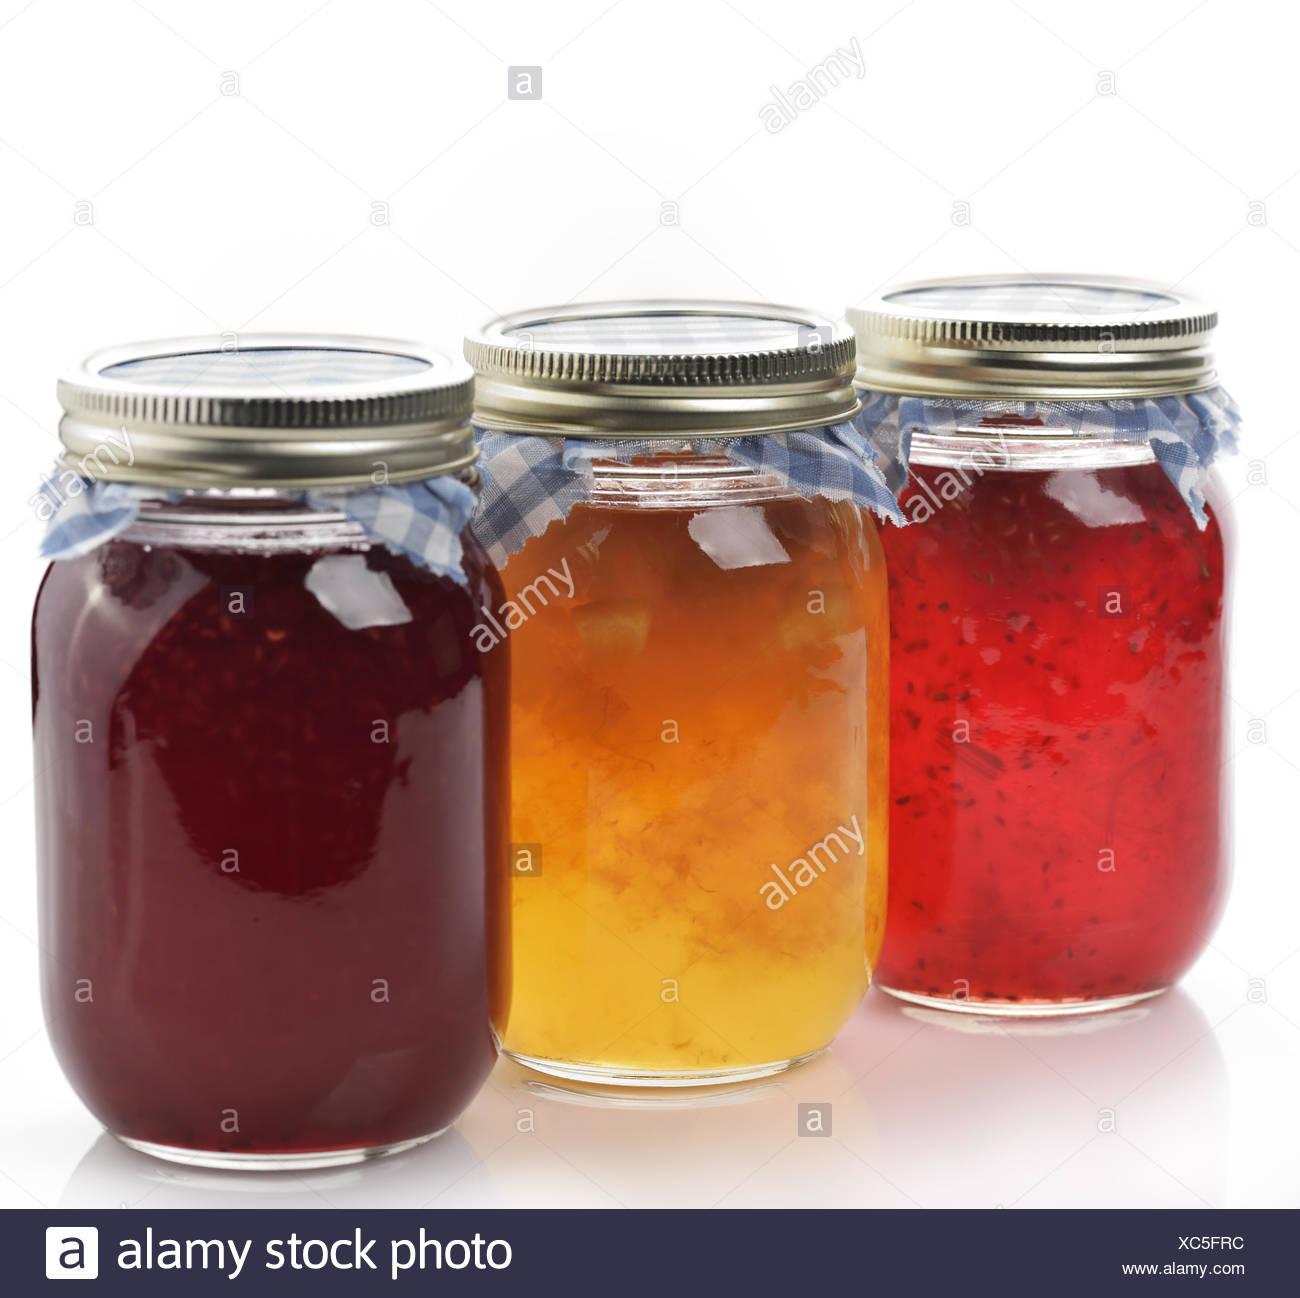 Homemade Marmalade And Jam